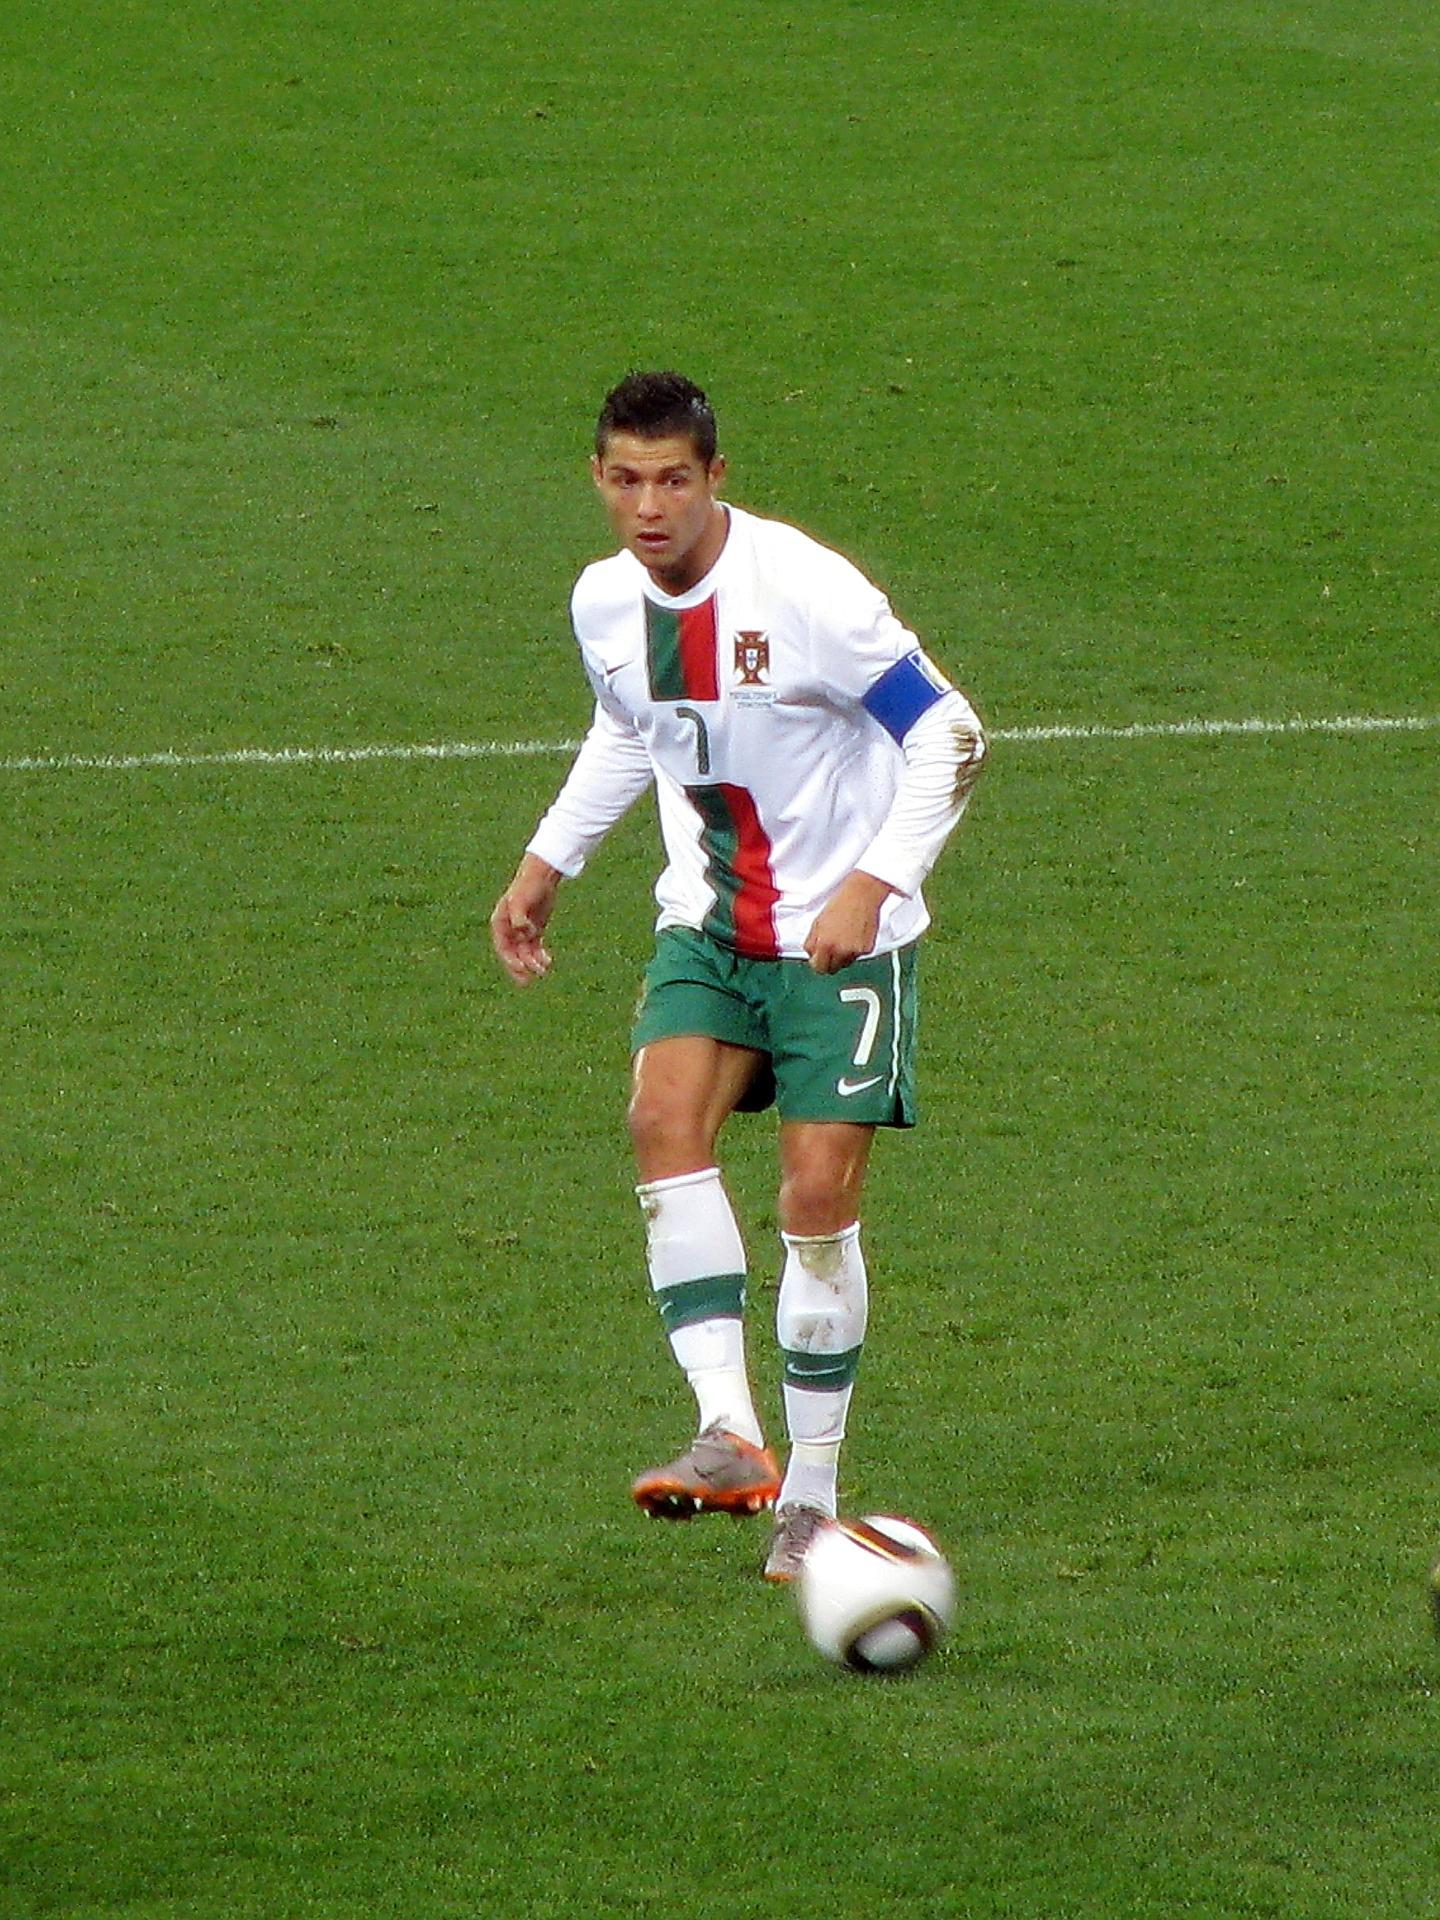 Cristiano Ronaldo a été exclu cinq matches après avoir reçu un carton rouge contre Barcelone